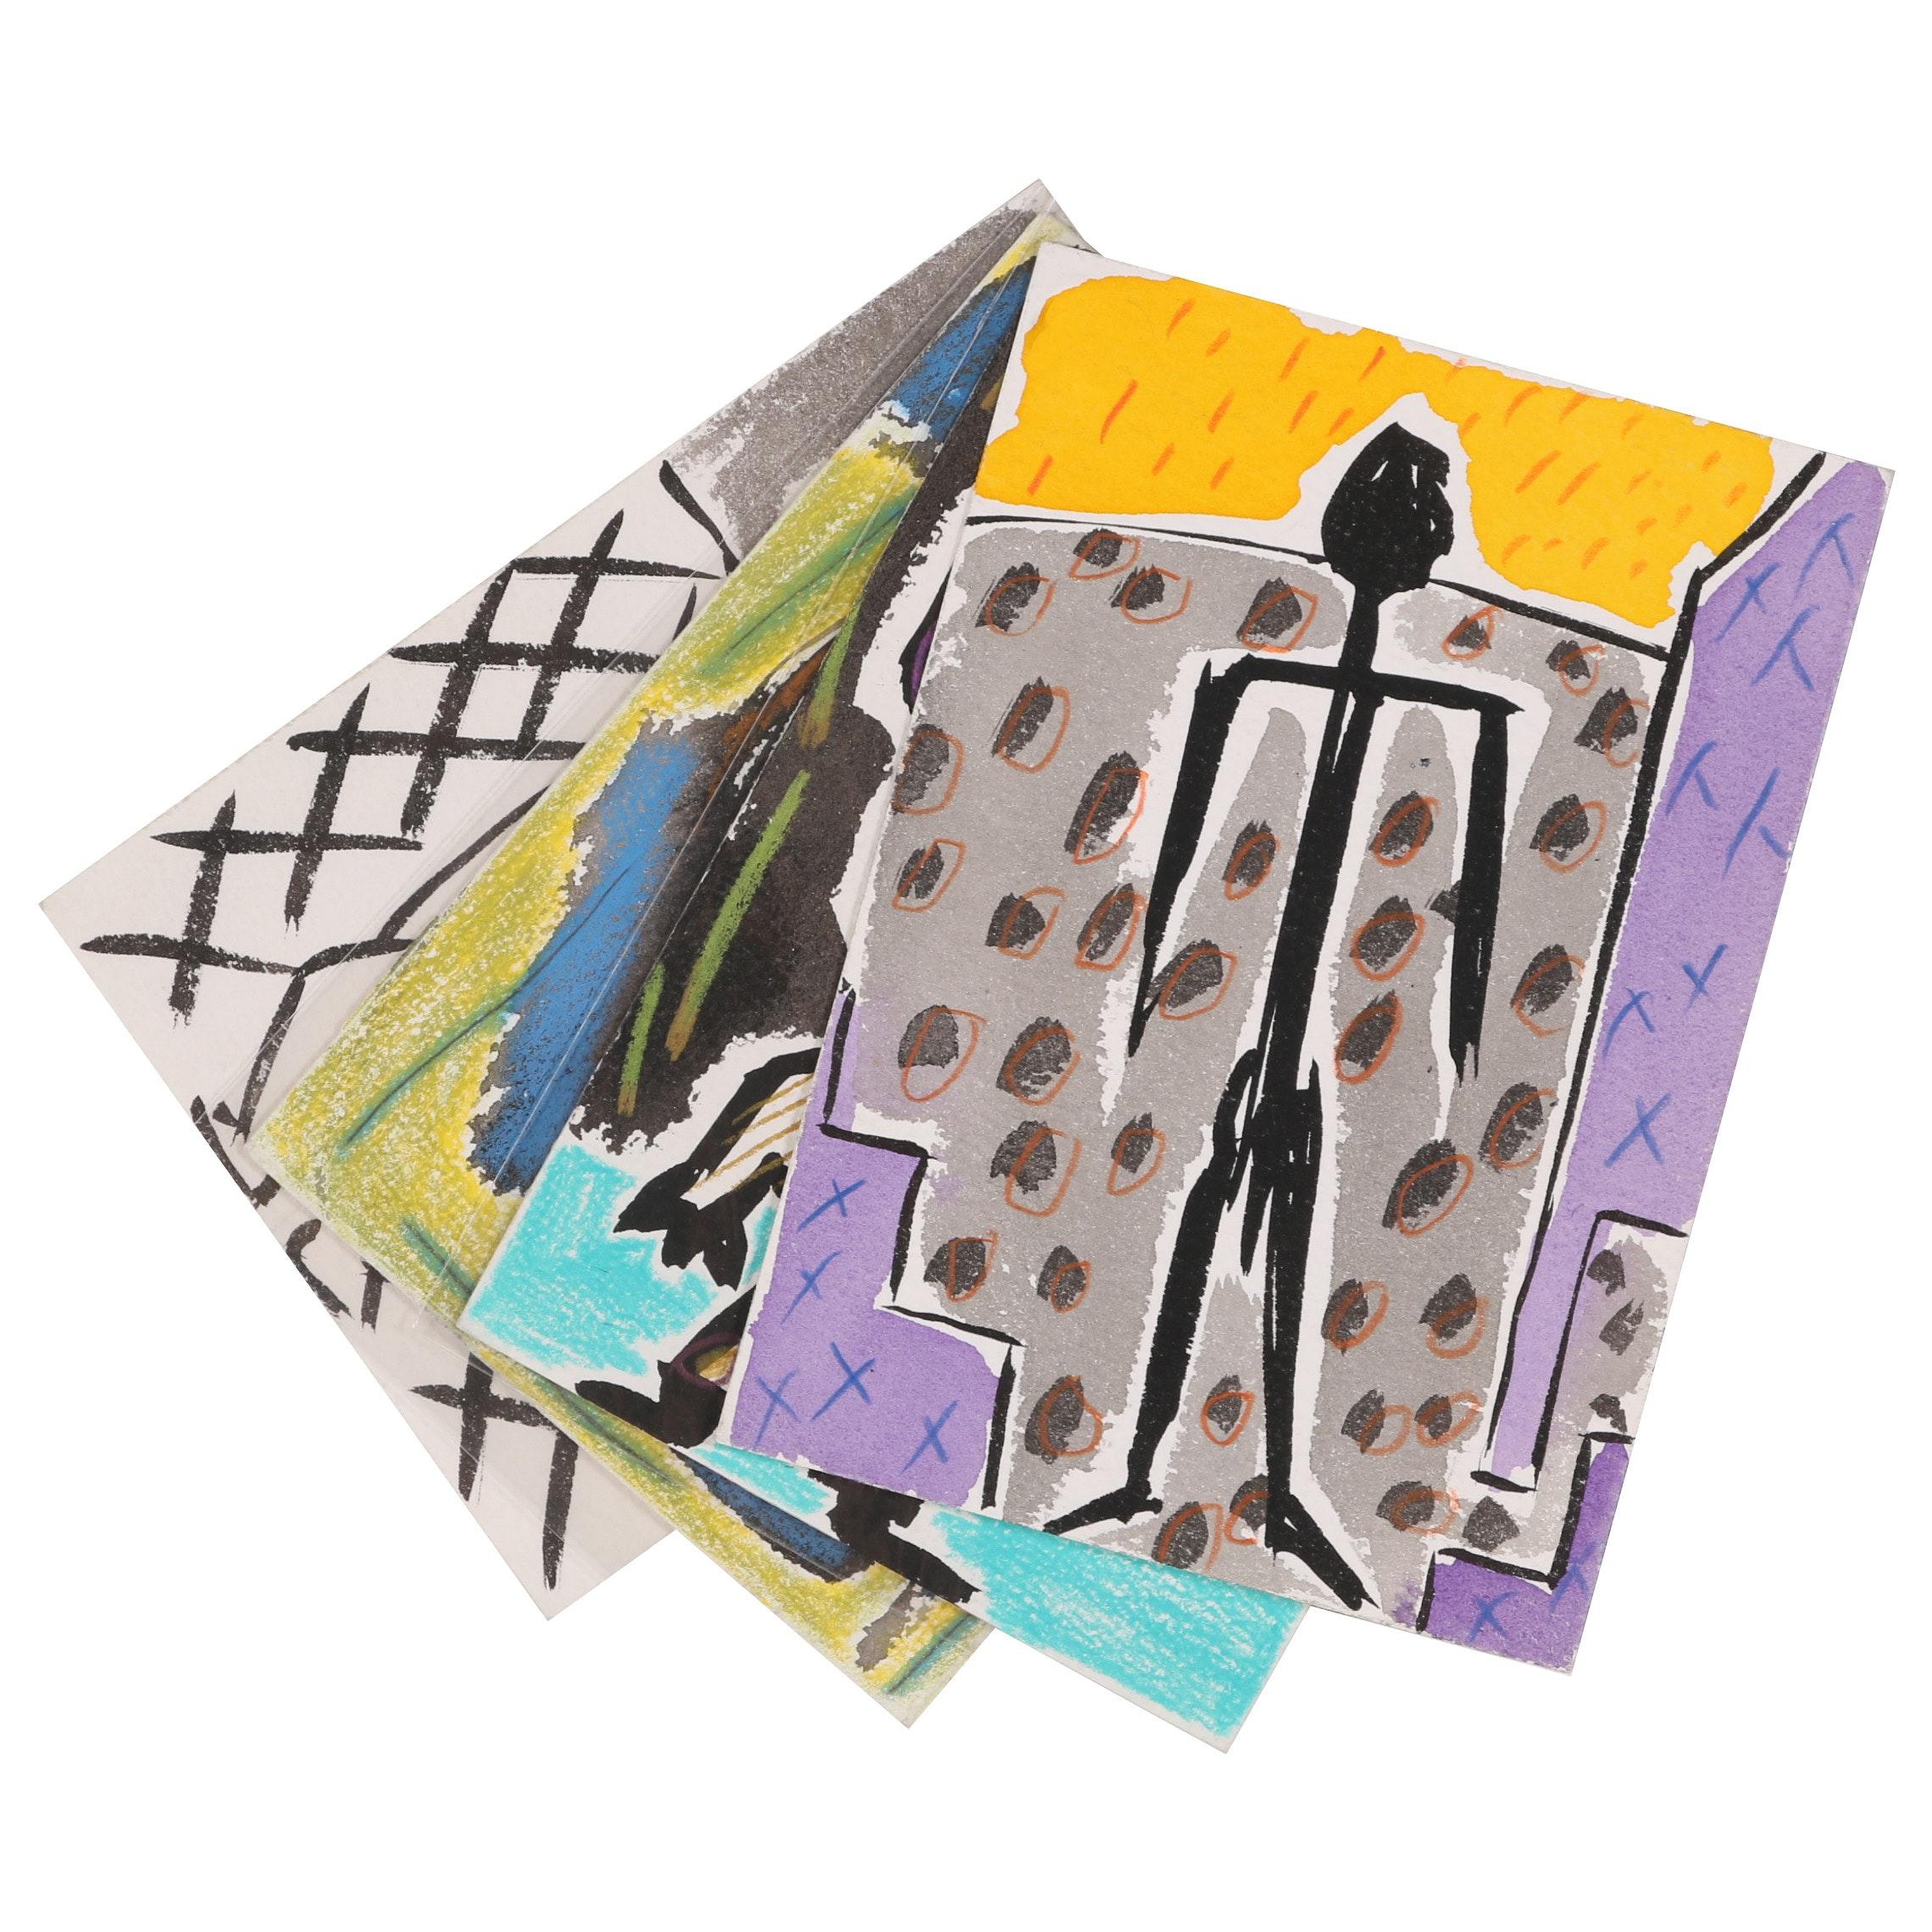 Merle Rosen Mixed Media Figure Paintings